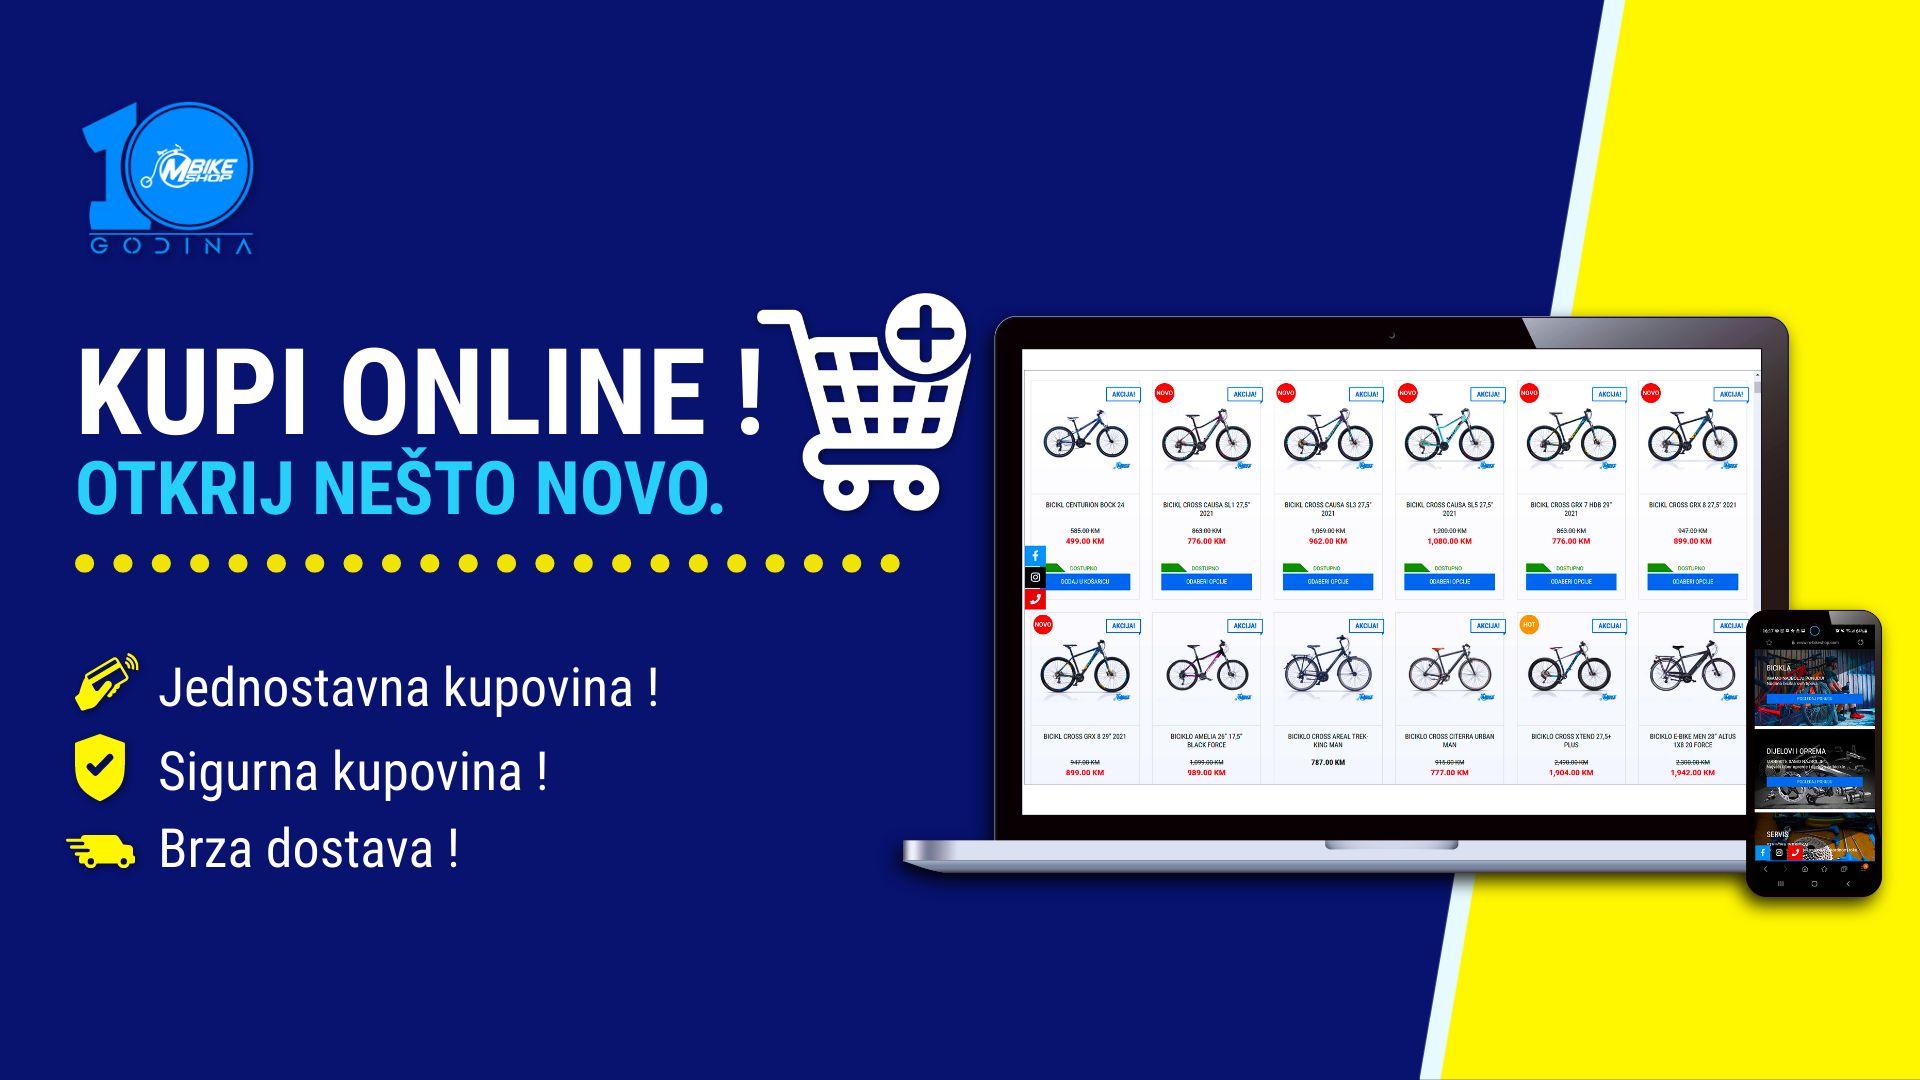 Najveci online shop za biciklizam i sport u Bosni i Hercegovini